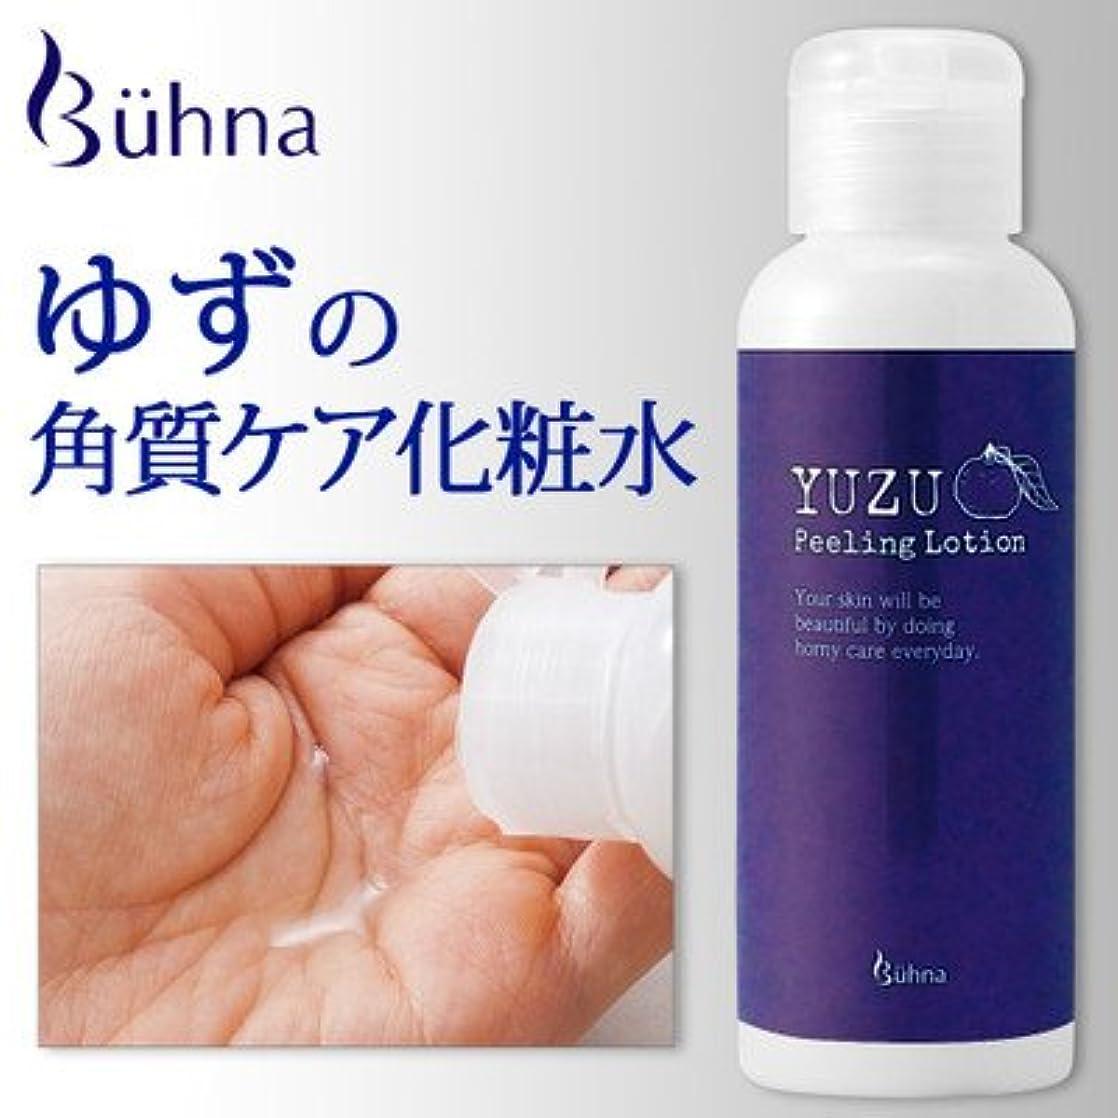 長いです進行中関連付けるお肌にやさしい角質ケア ビューナ ゆずの角質ケア化粧水